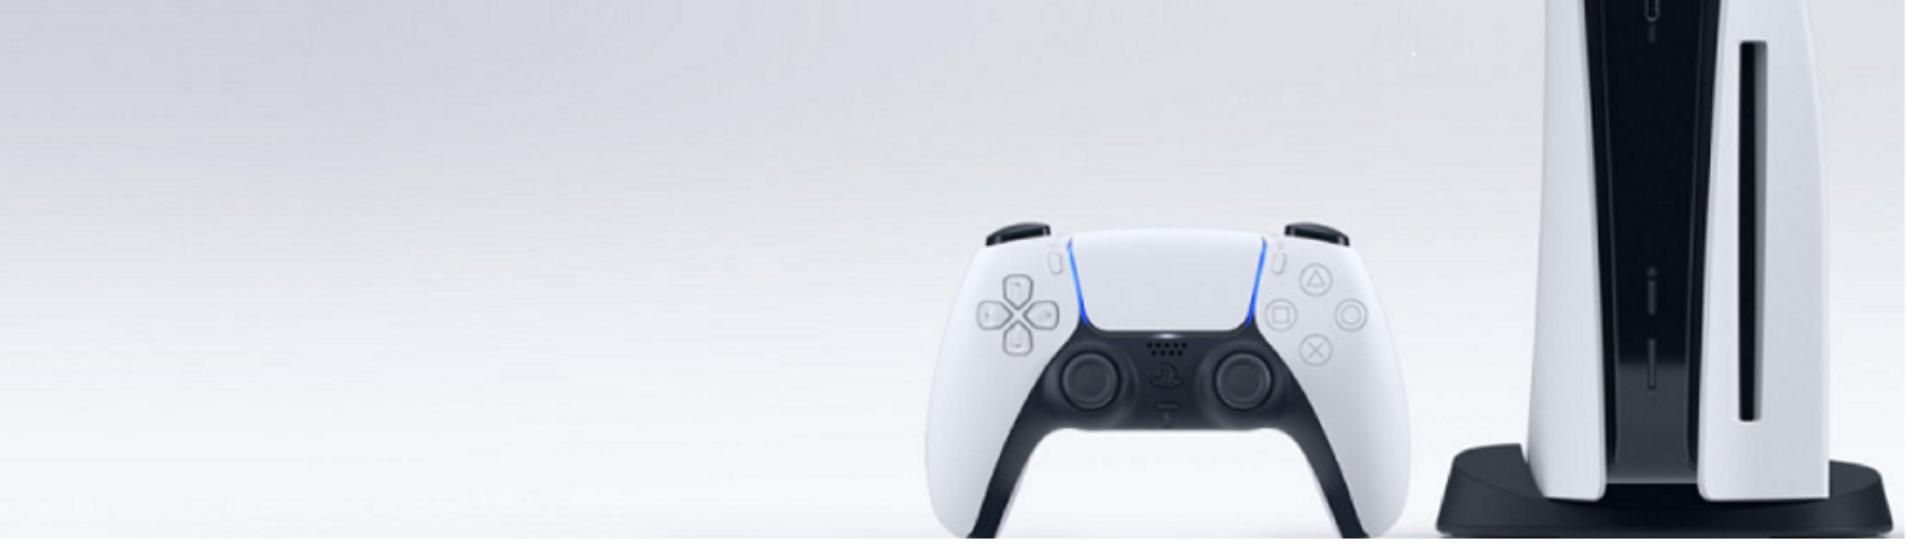 Playstation 5: Wohl längere Zeit nicht bestellbar